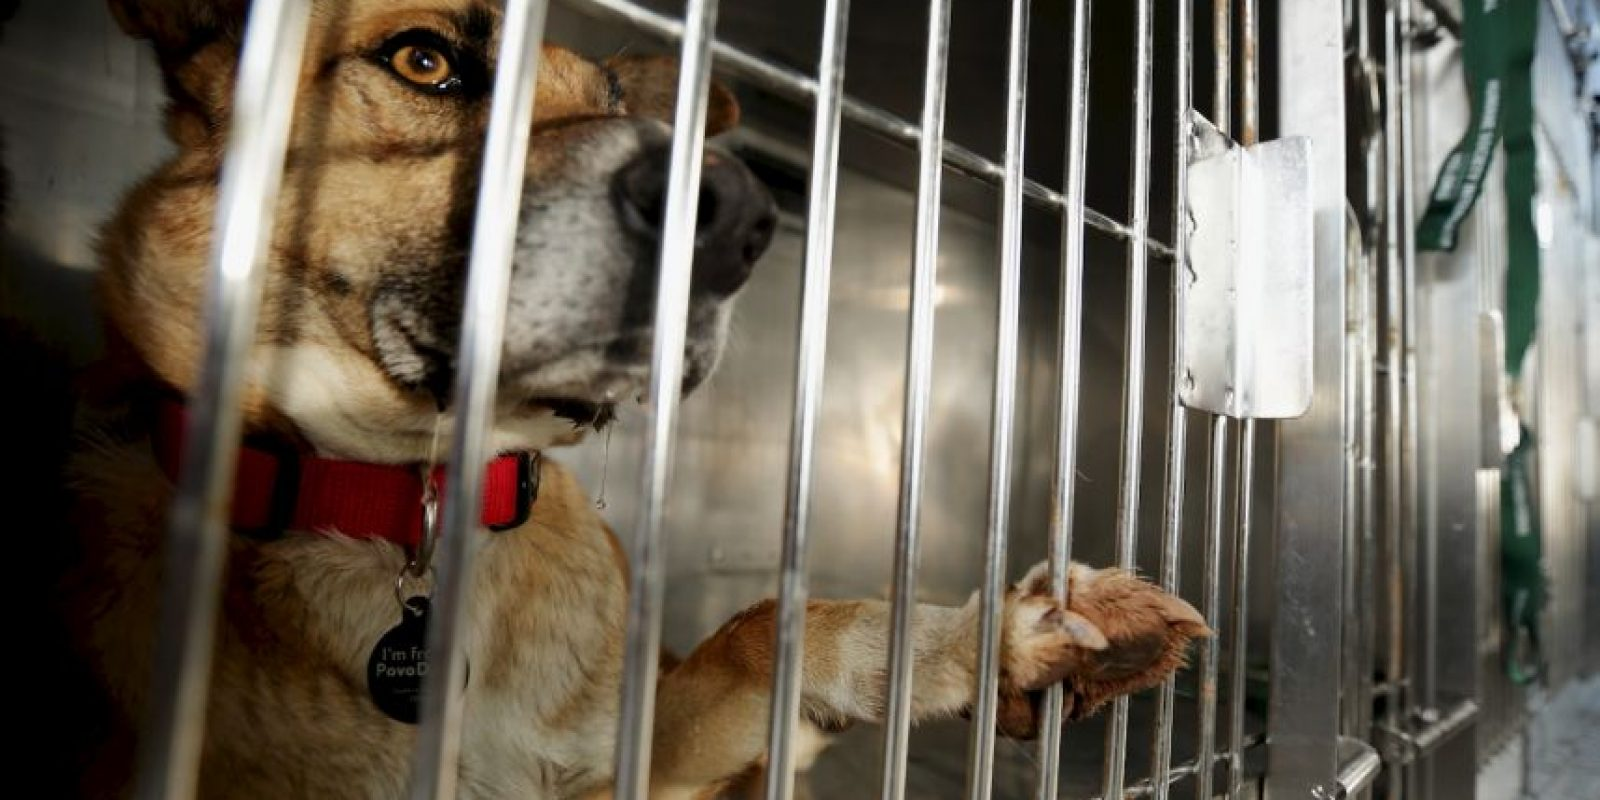 """""""Adoptar un perro o gato simplemente porque es lo que la gente """"hace"""" o porque los niños han estado lloriqueando por un cachorro generalmente termina en un gran error"""", dice la organización de protección de animales. Foto:Getty Images"""